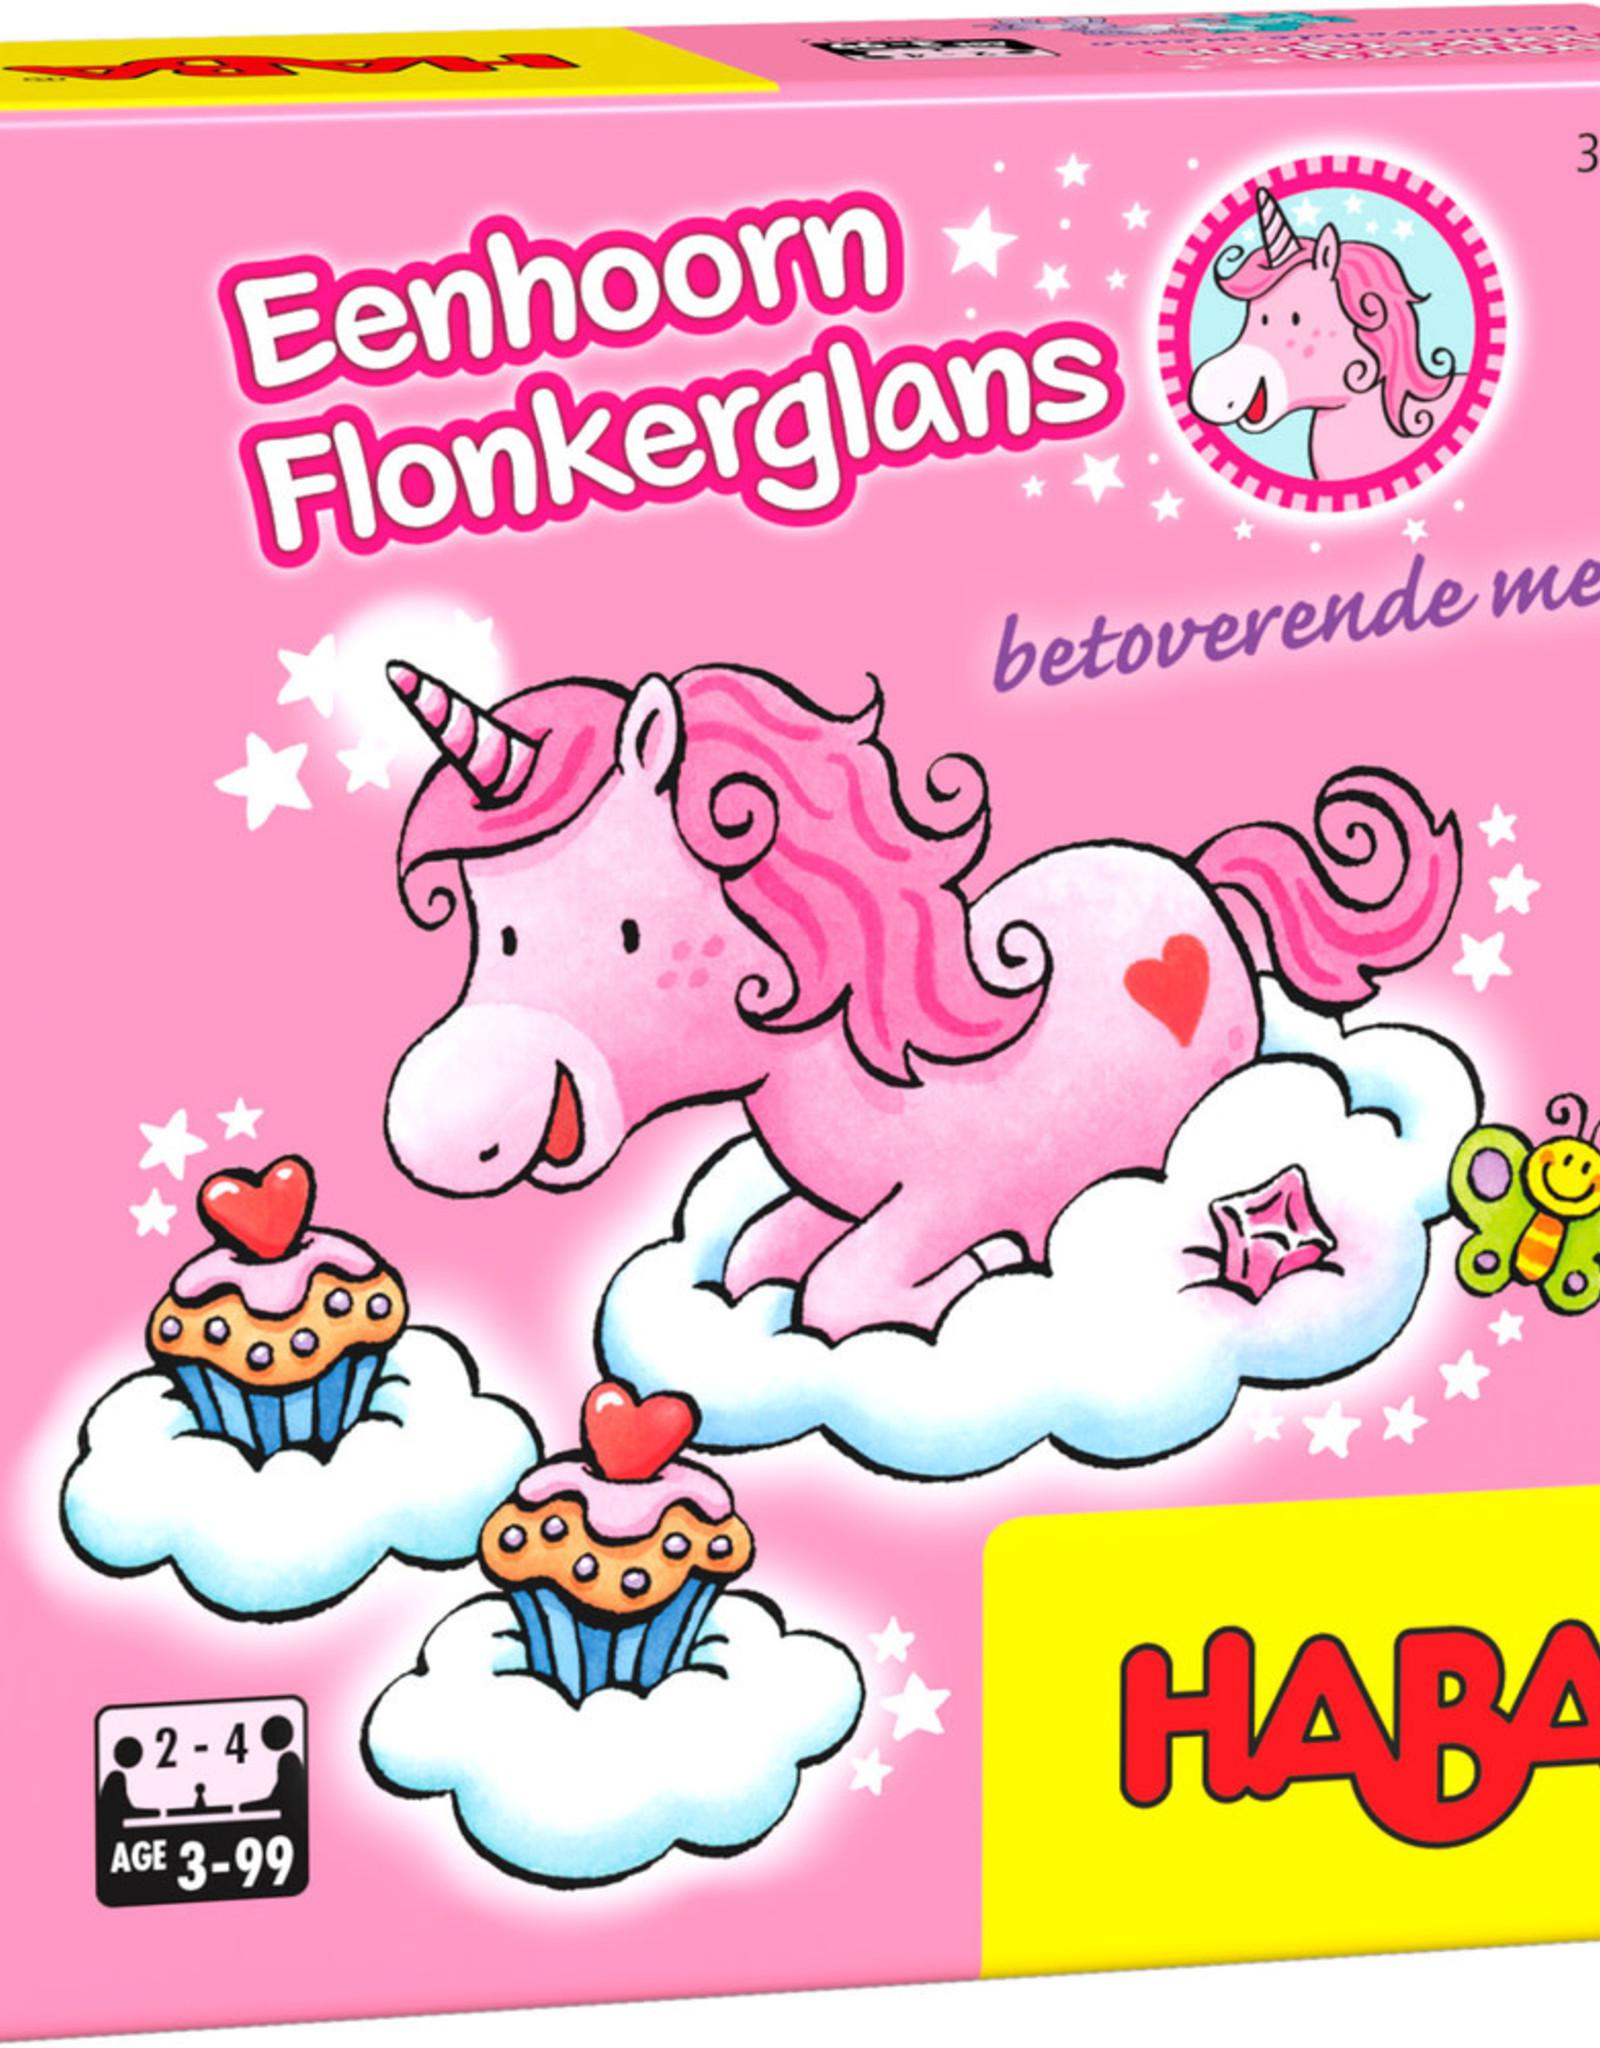 HABA Eenhoorn Flonkerglans Betoverende memo